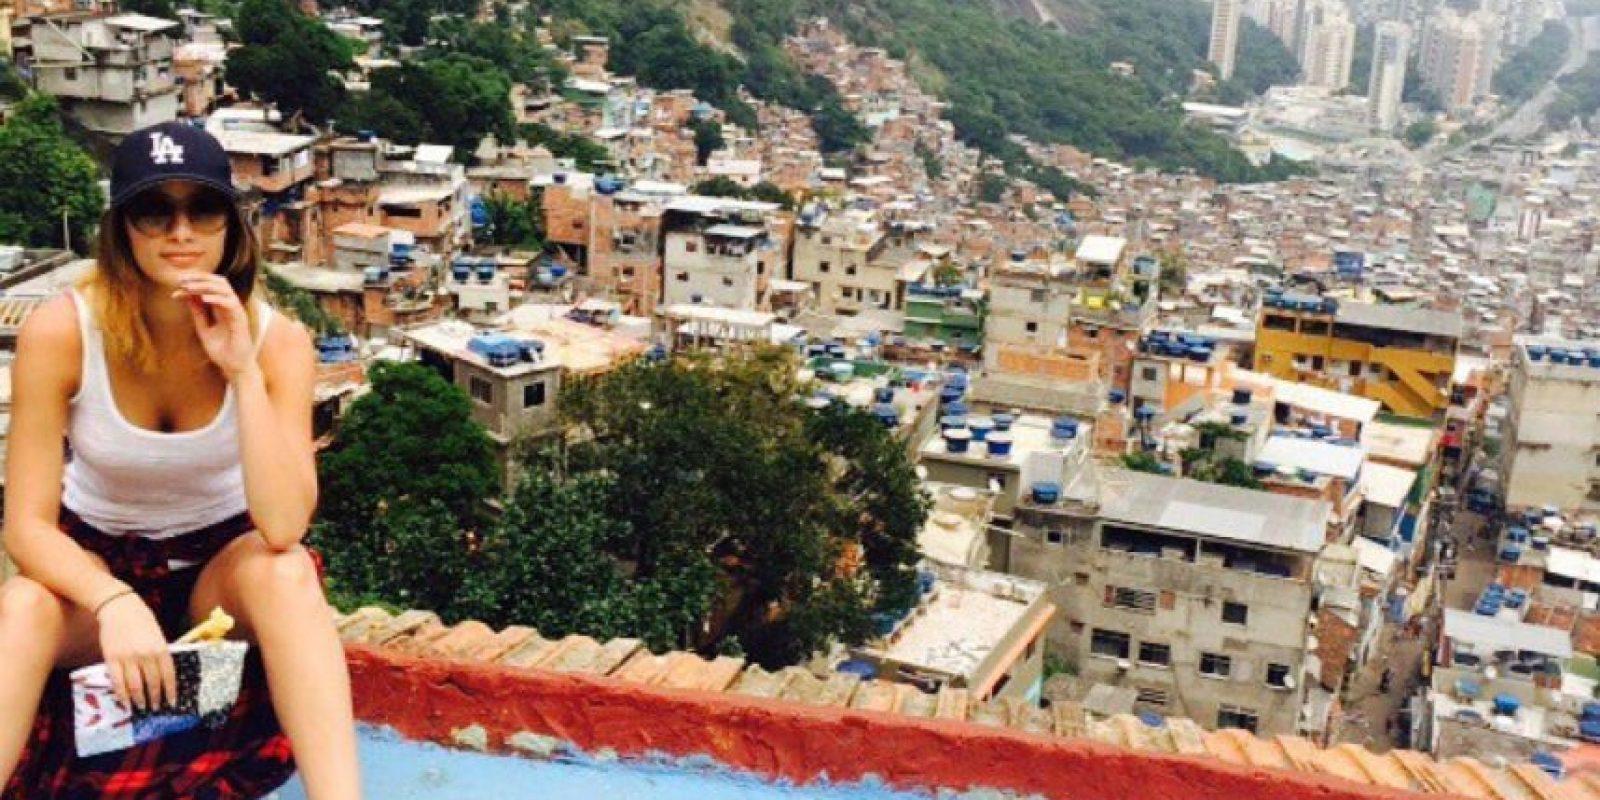 Foto:Vía instagram.com/lexypanterra